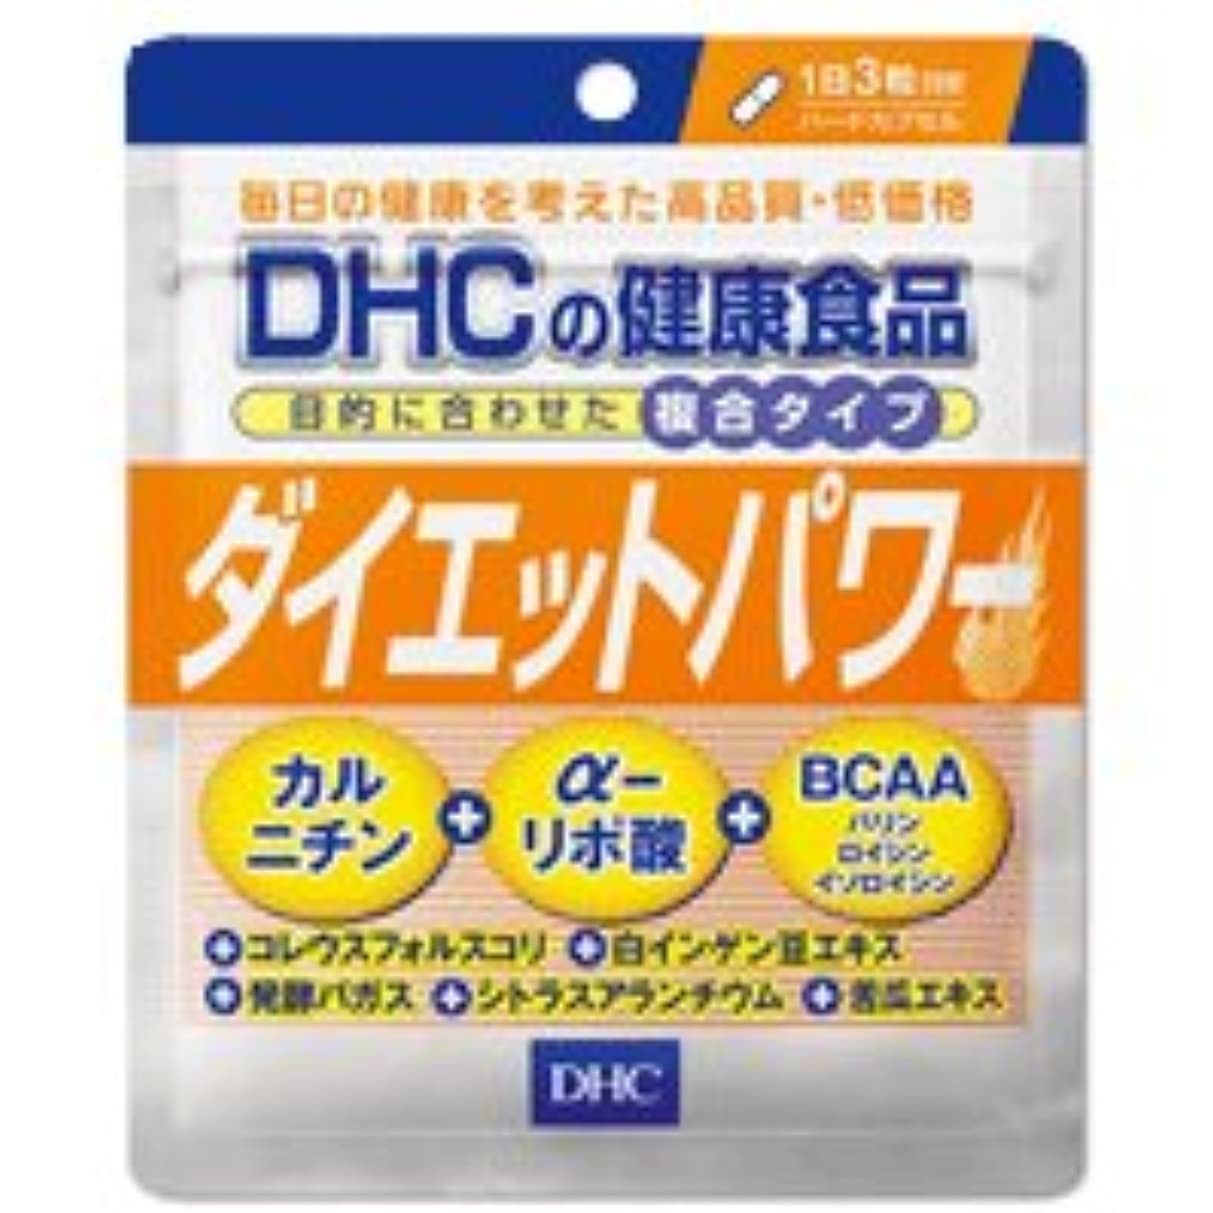 スプーン統治可能敵意DHC 20日分ダイエットパワー